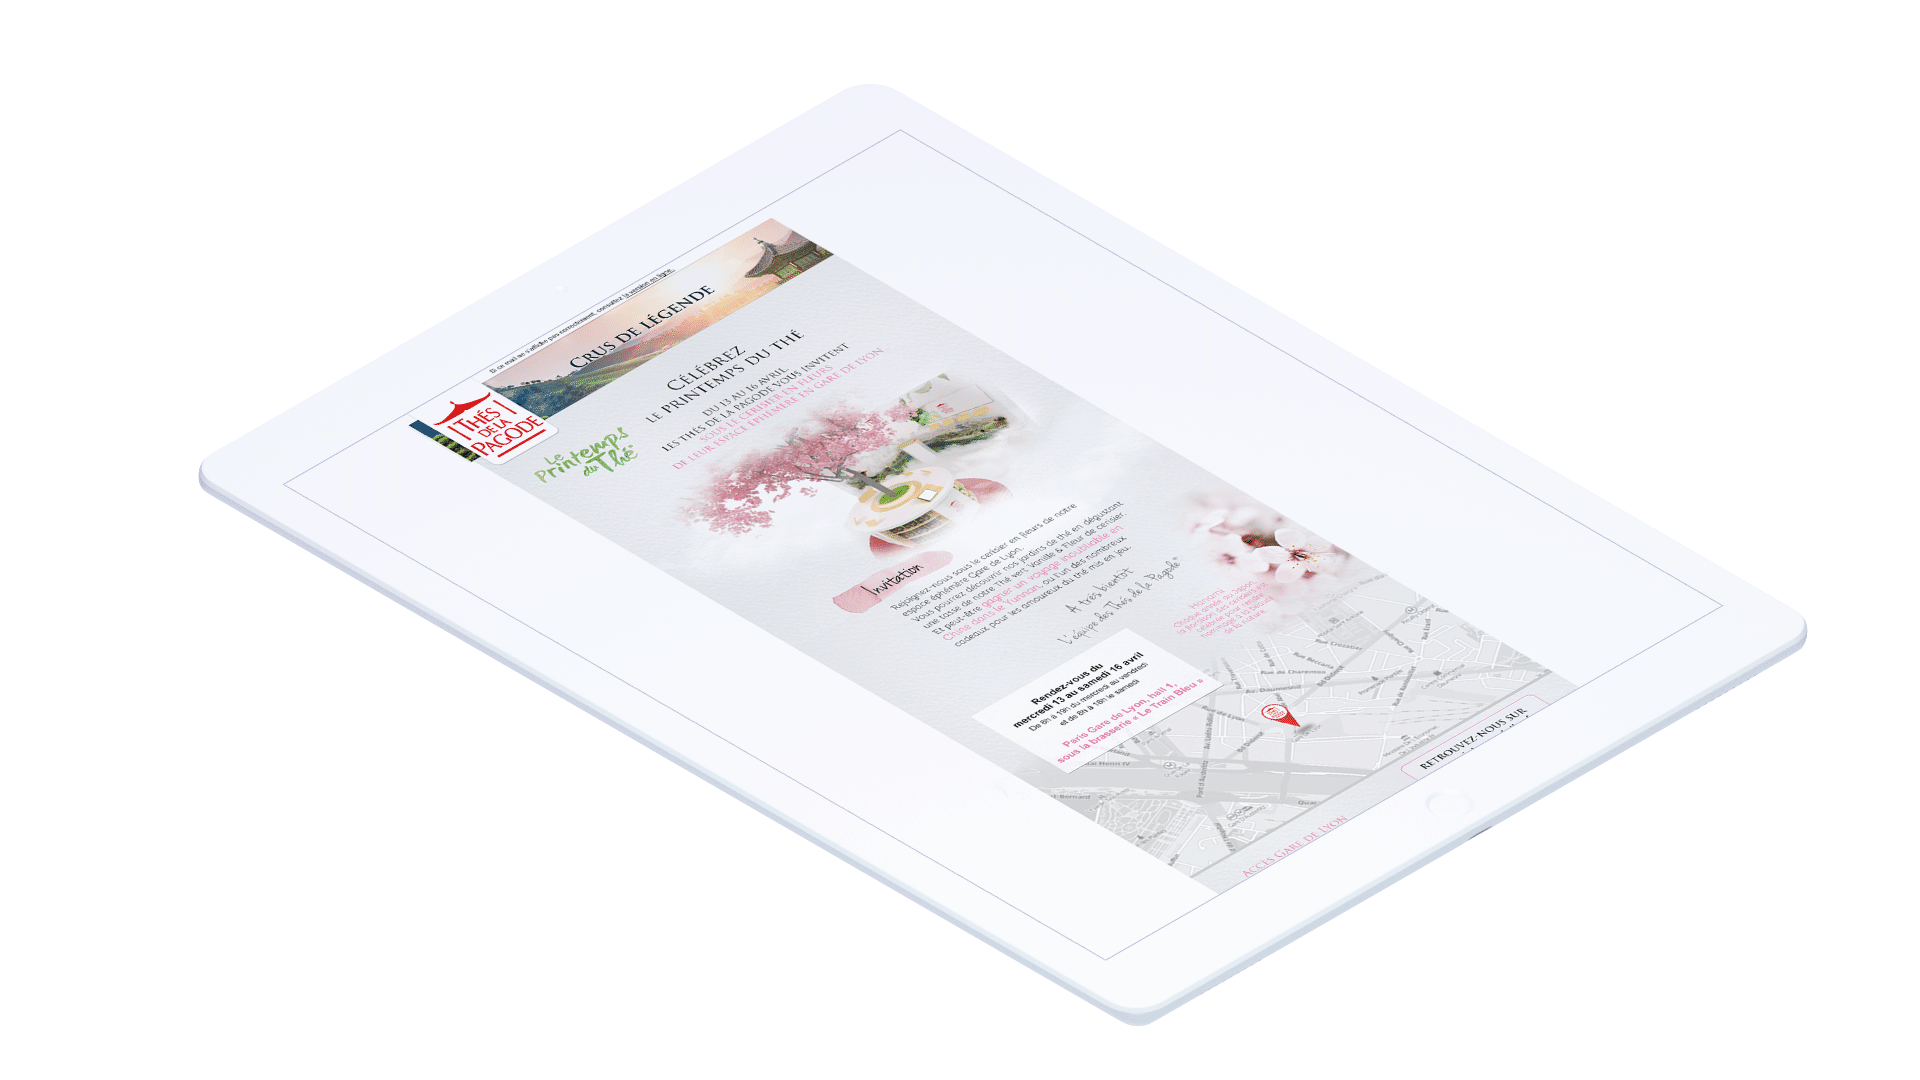 Emailing de la campagne 360° Printemps du Thé de notoriété pour le thé de la Pagode, par l'agence de communication et marketing Siouxe, à Paris.